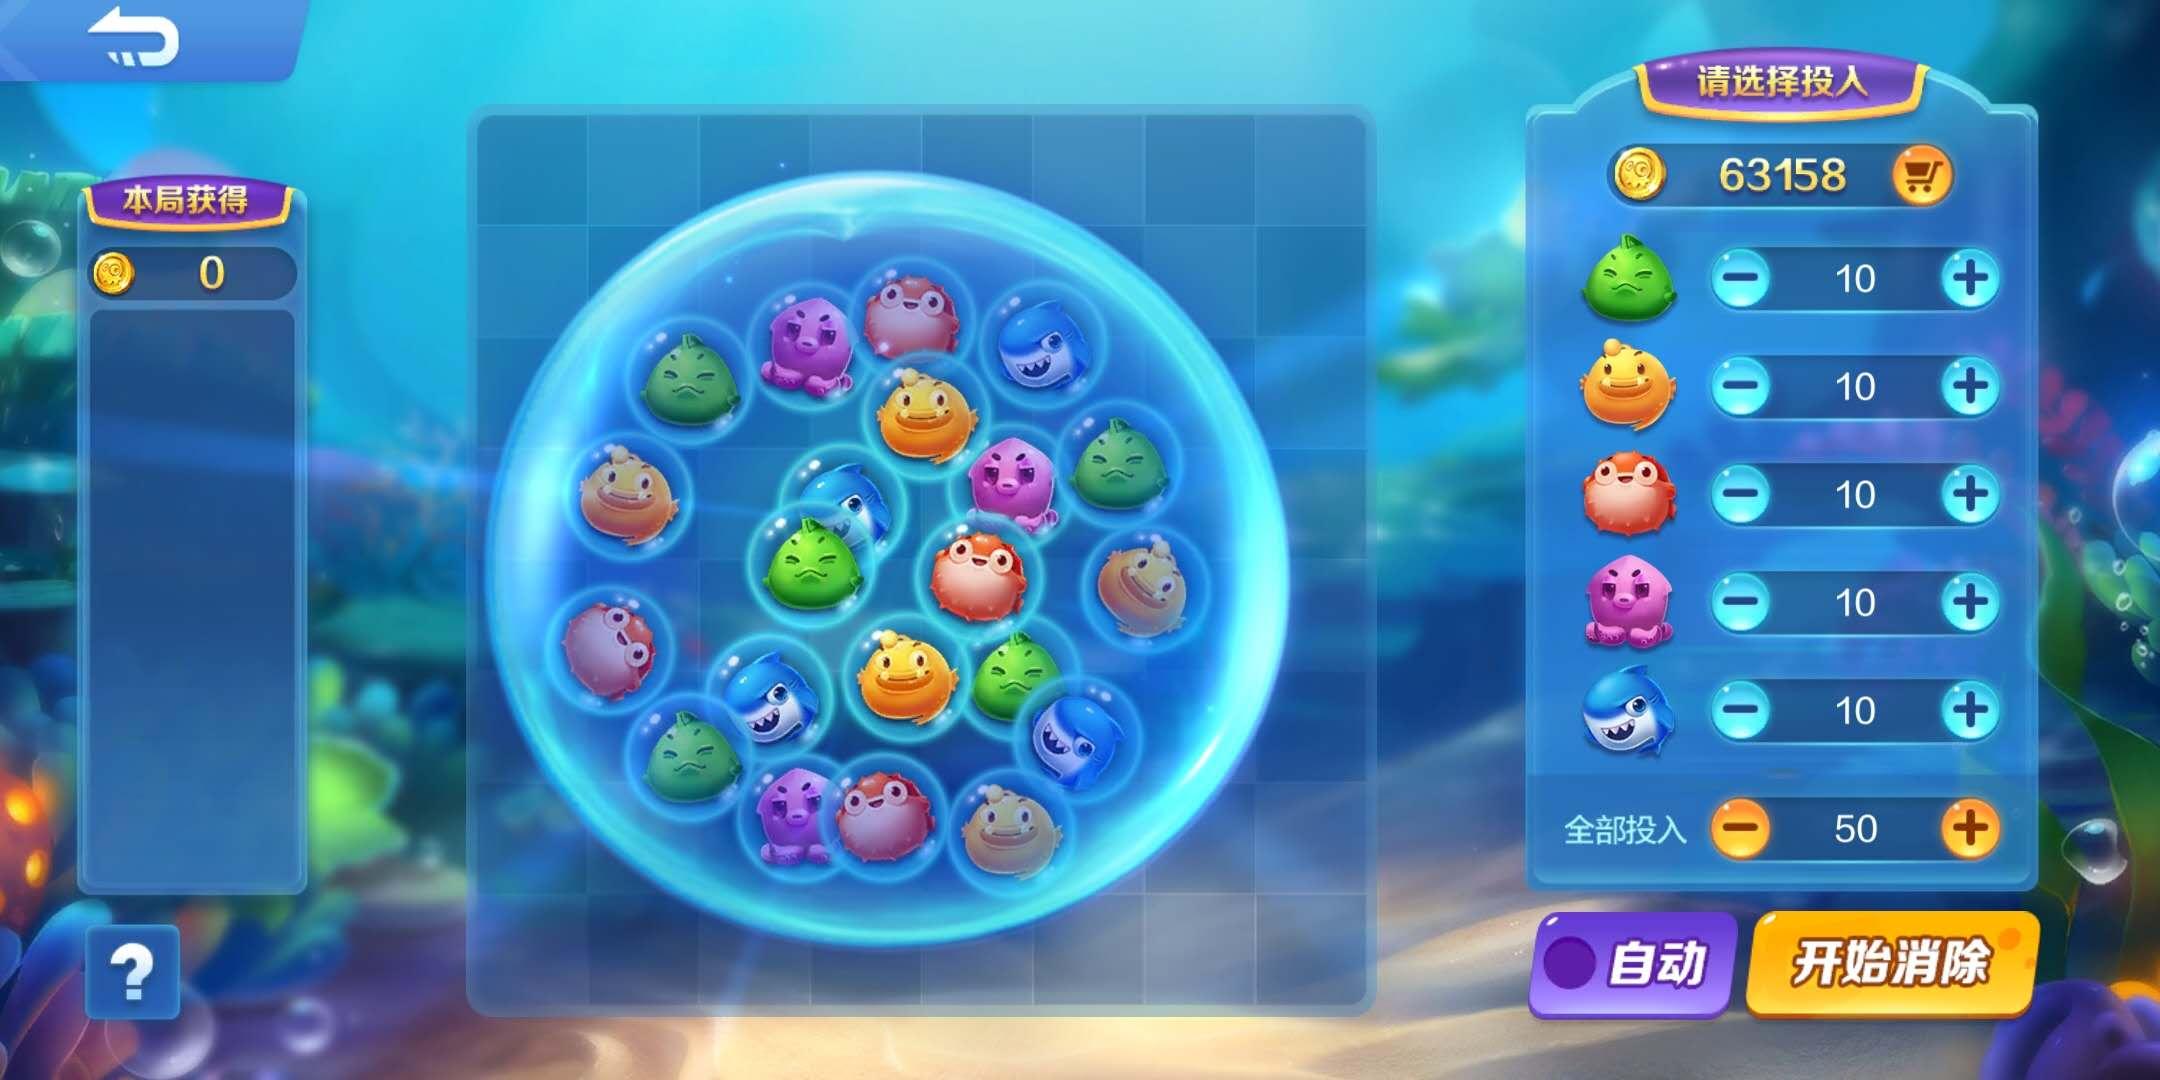 超幸运活动开启:幸运消消乐 海底大探索